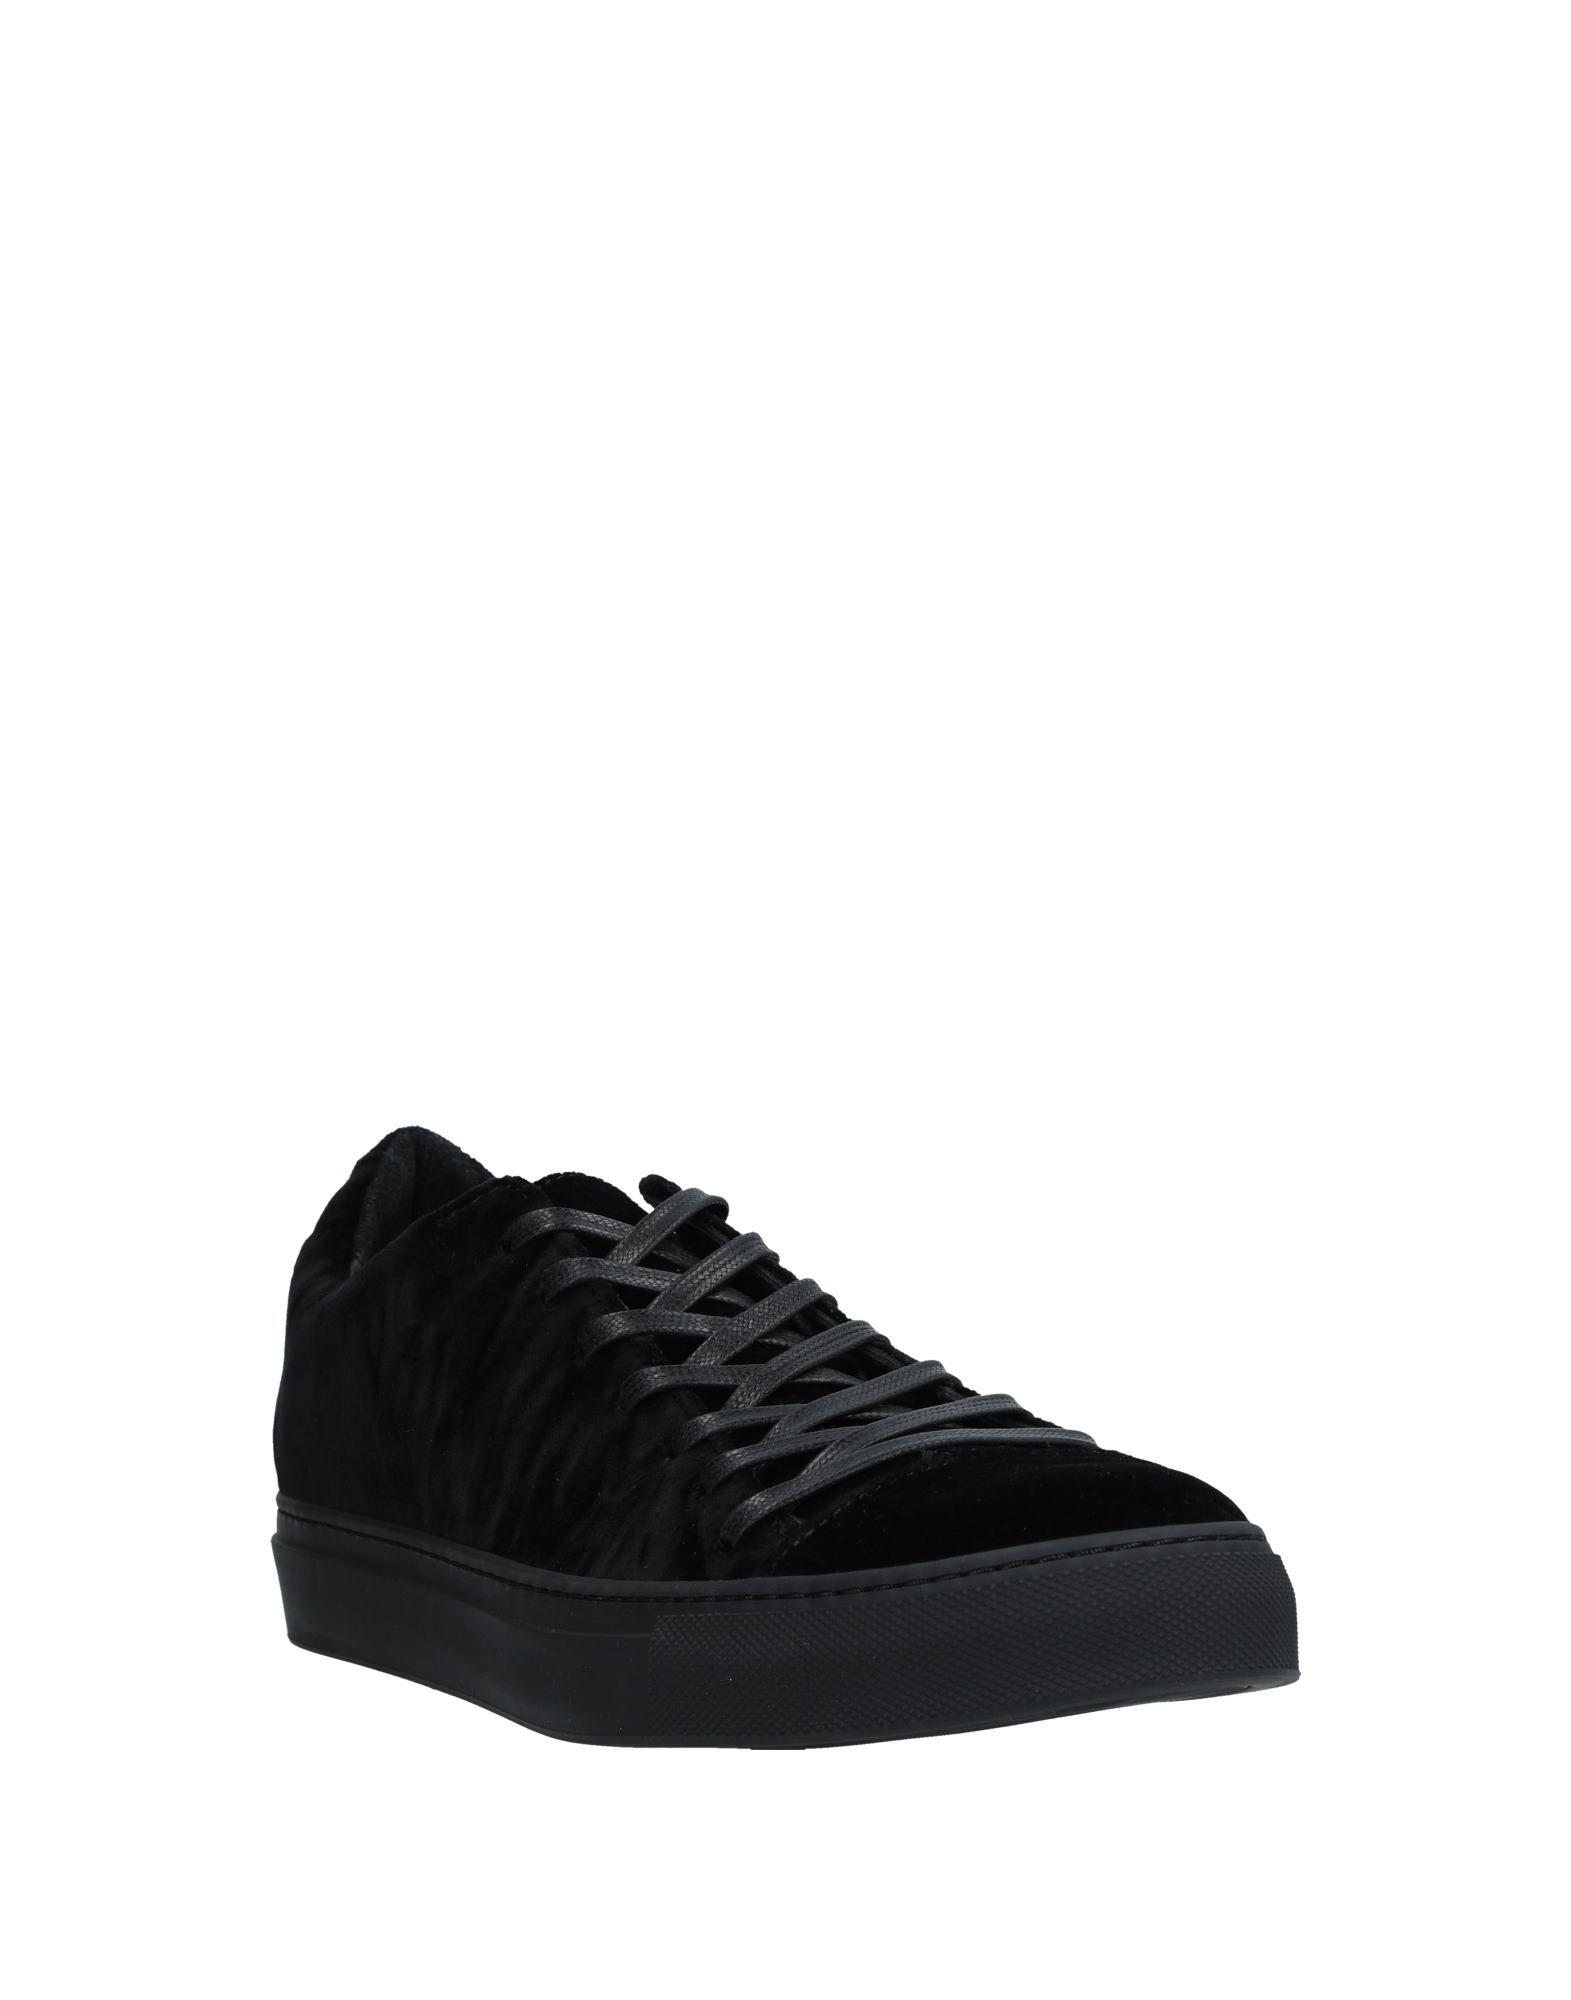 John Herren Varvatos Sneakers Herren John  11535808RN edc59f